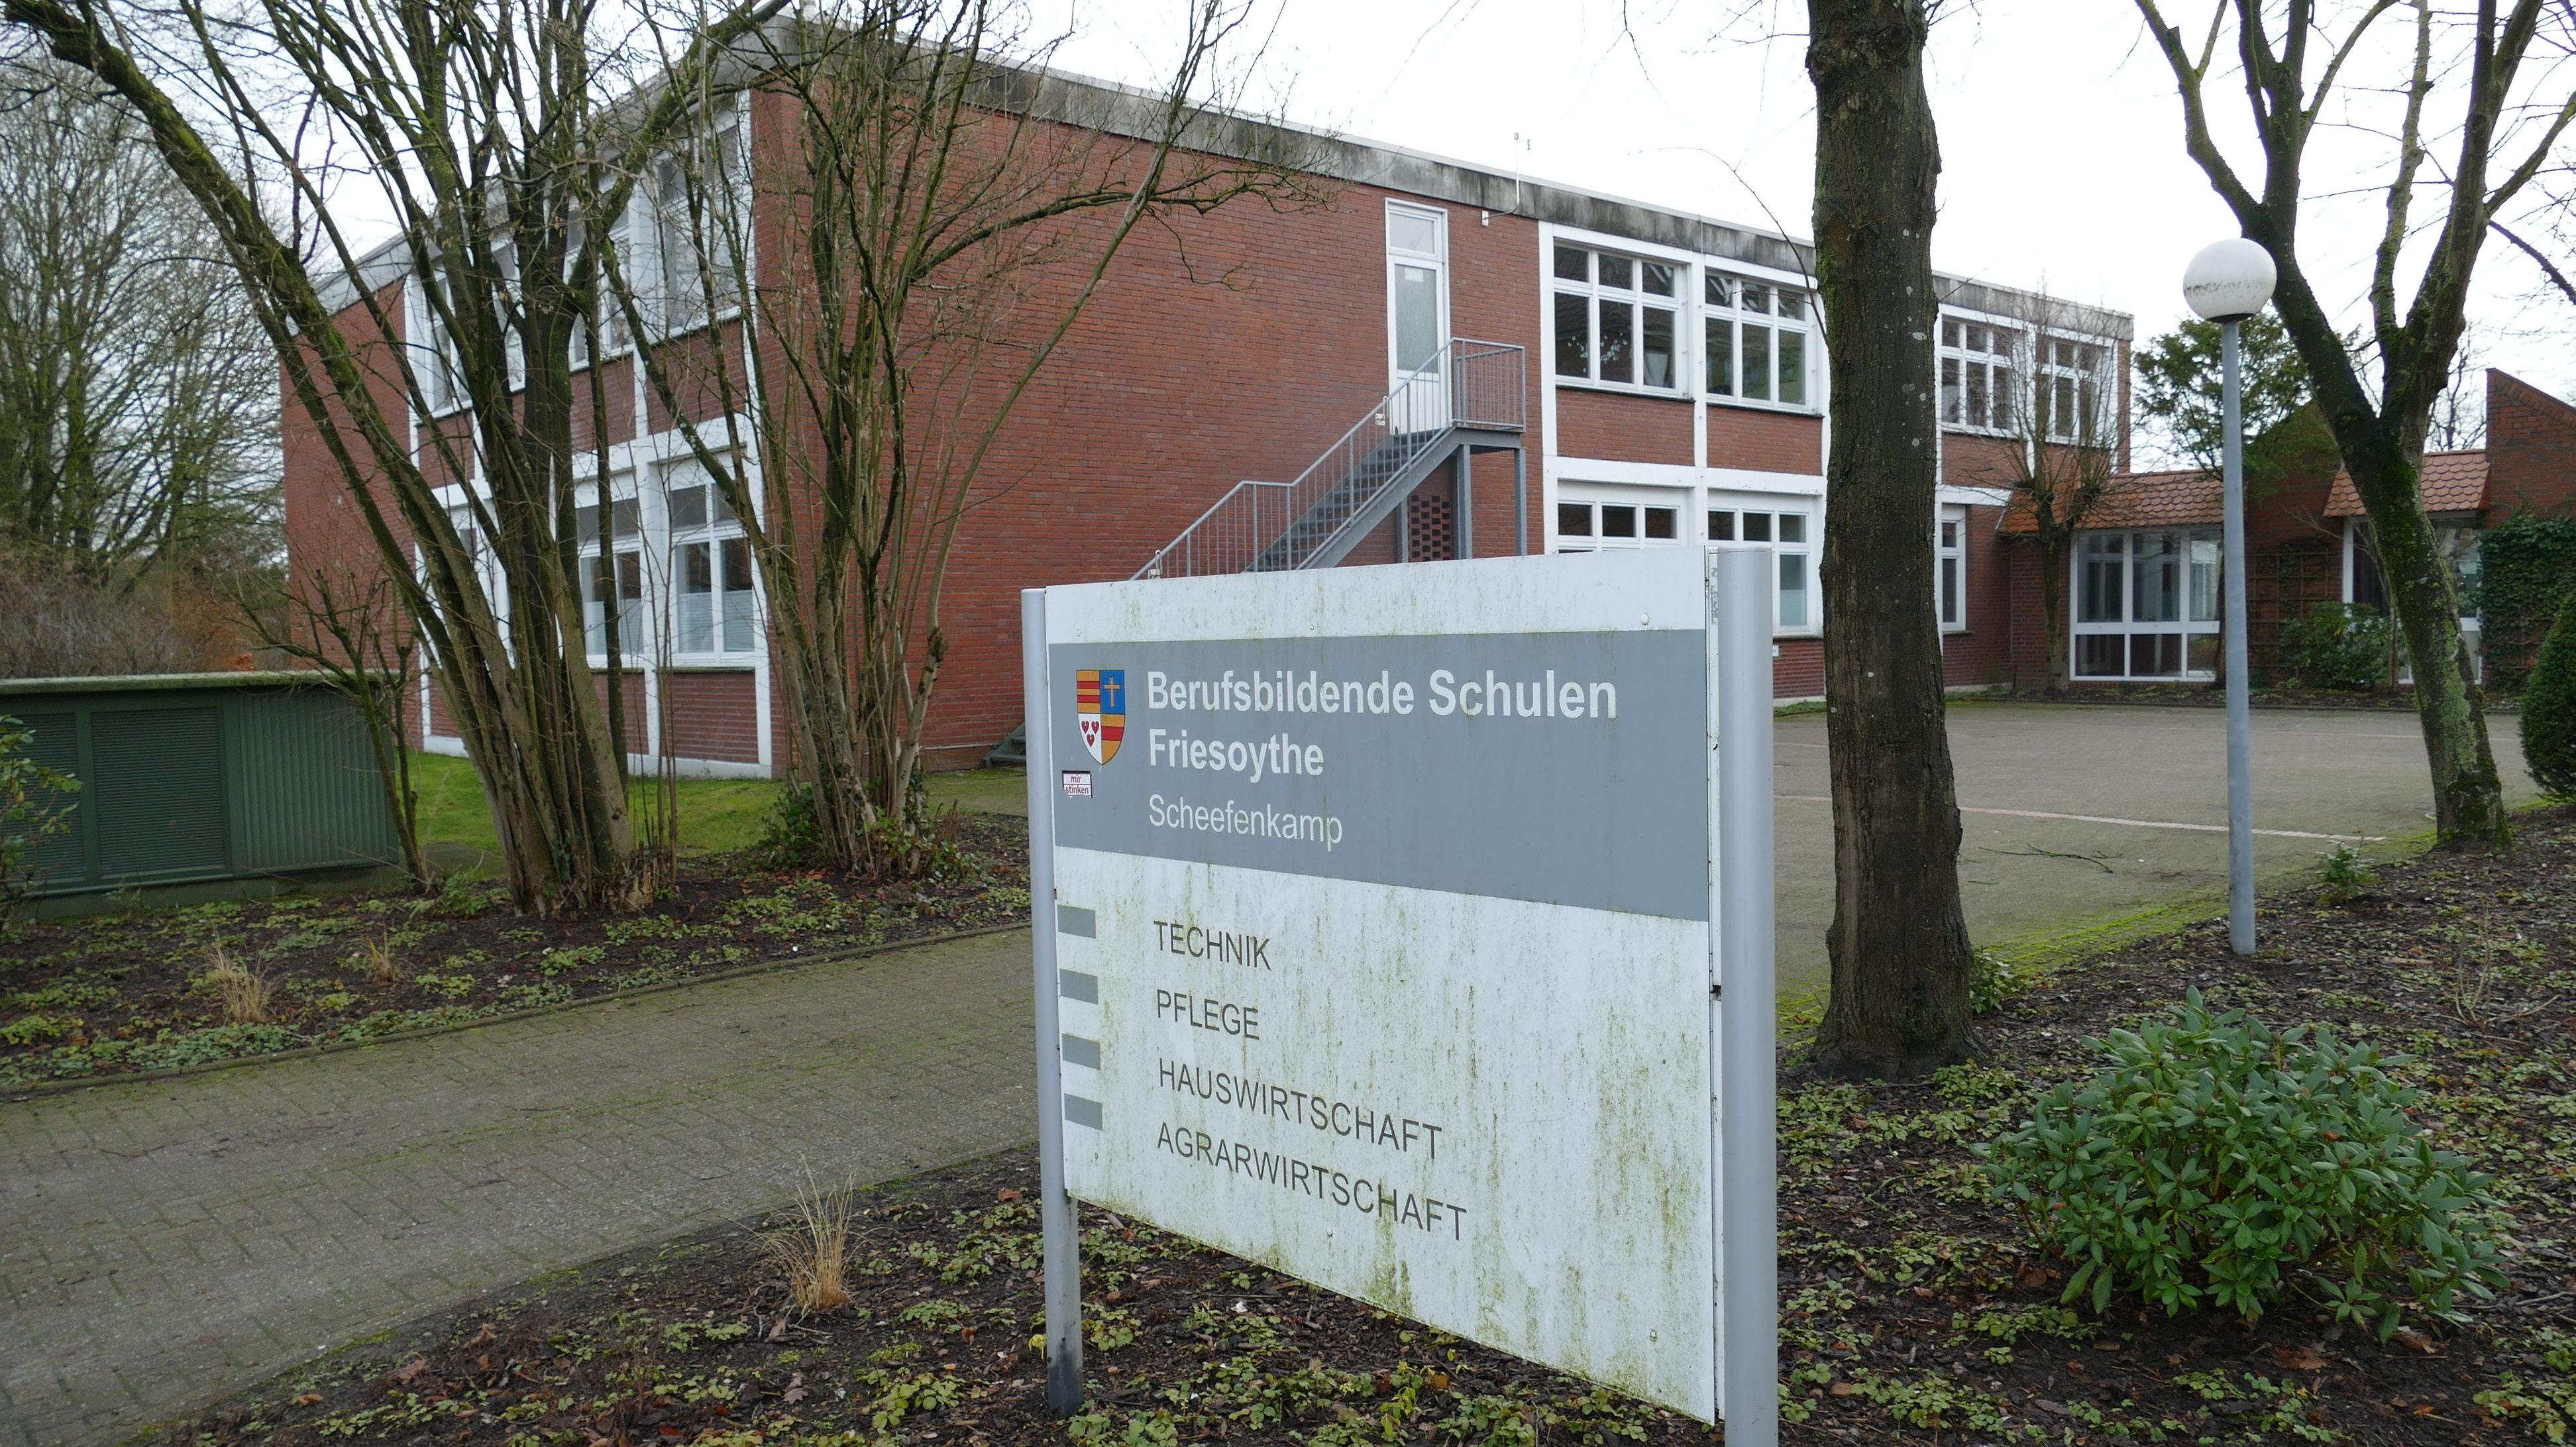 Neues Stockwerk: Der Flachbau am BBS-Standort Scheefenkamp soll aufgestockt werden, um Platz für dringend benötigte neue Unterrichtsräume zu schaffen. Foto: Stix